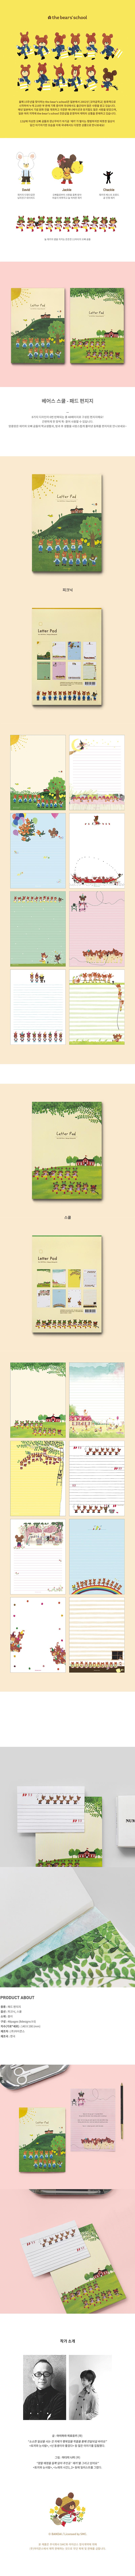 베어스스쿨 재키 패드 편지지 - 슈퍼8비트, 2,500원, 디자인편지, 패드/편지지